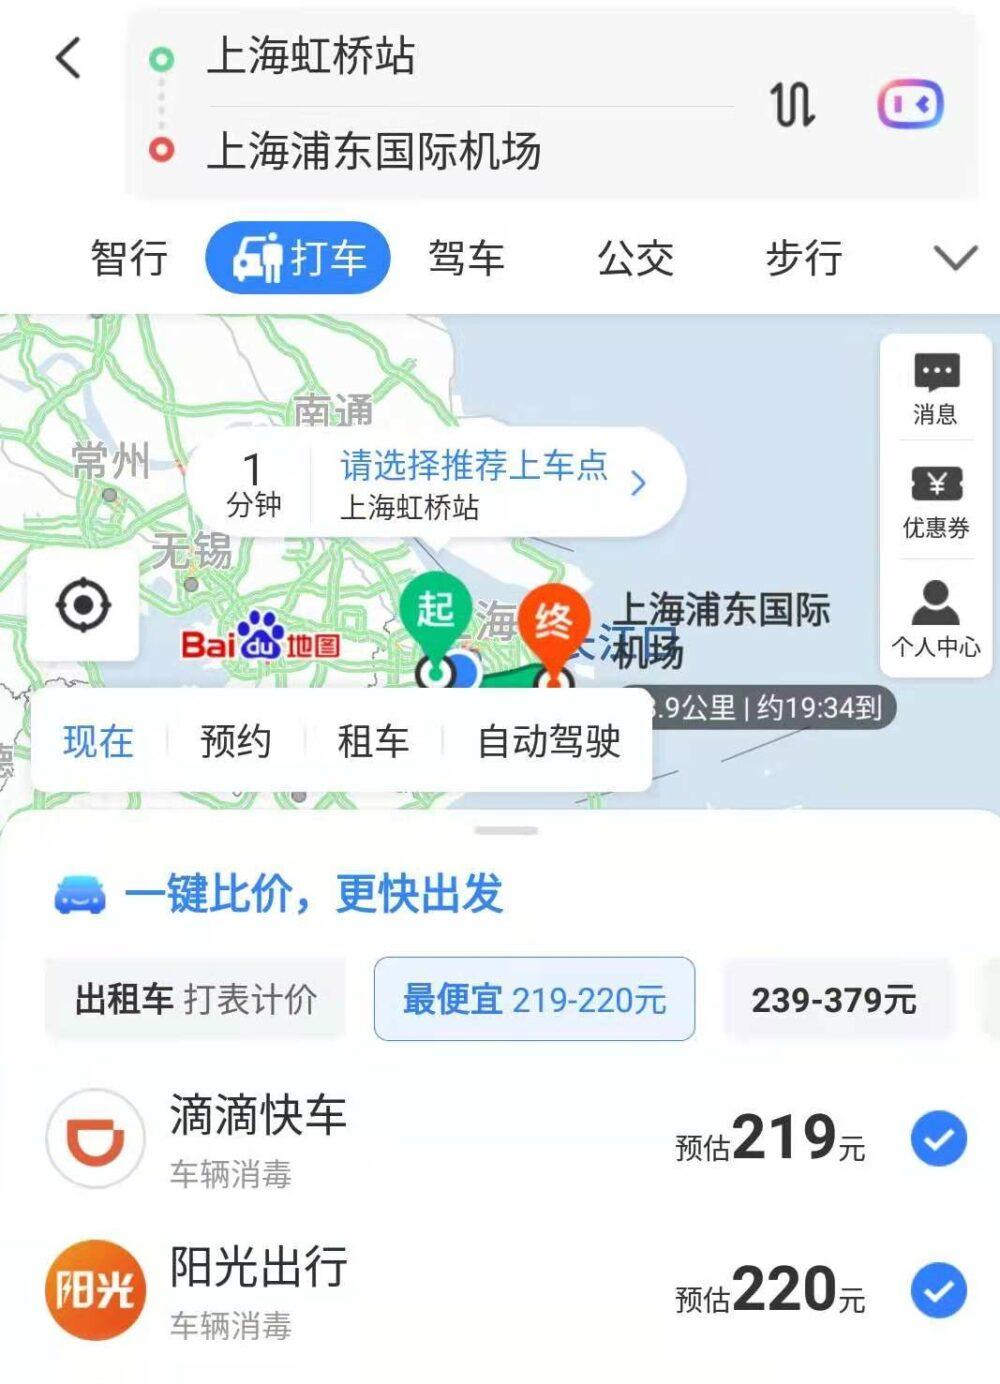 虹橋駅から浦東国際空港駅までタクシーに乗った場合の料金の写真